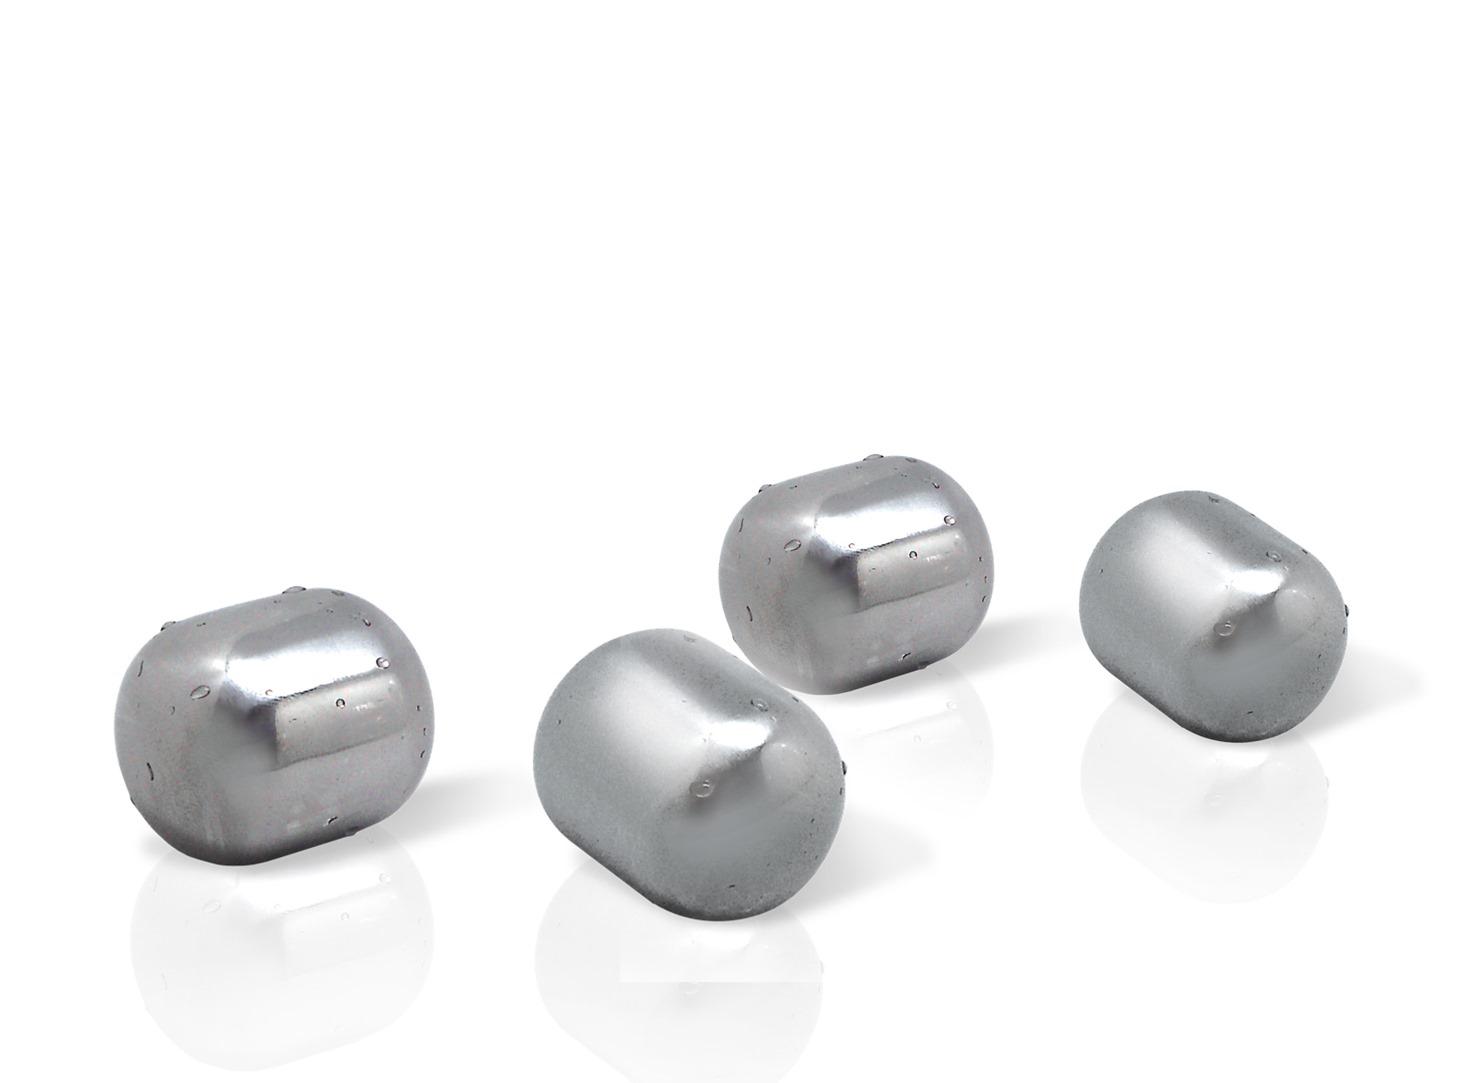 Онлайн каталог PROMENU: Камни для охлаждения металлические VinBouquet TO CHILL, 4 штуки VinBouquet FIE 019